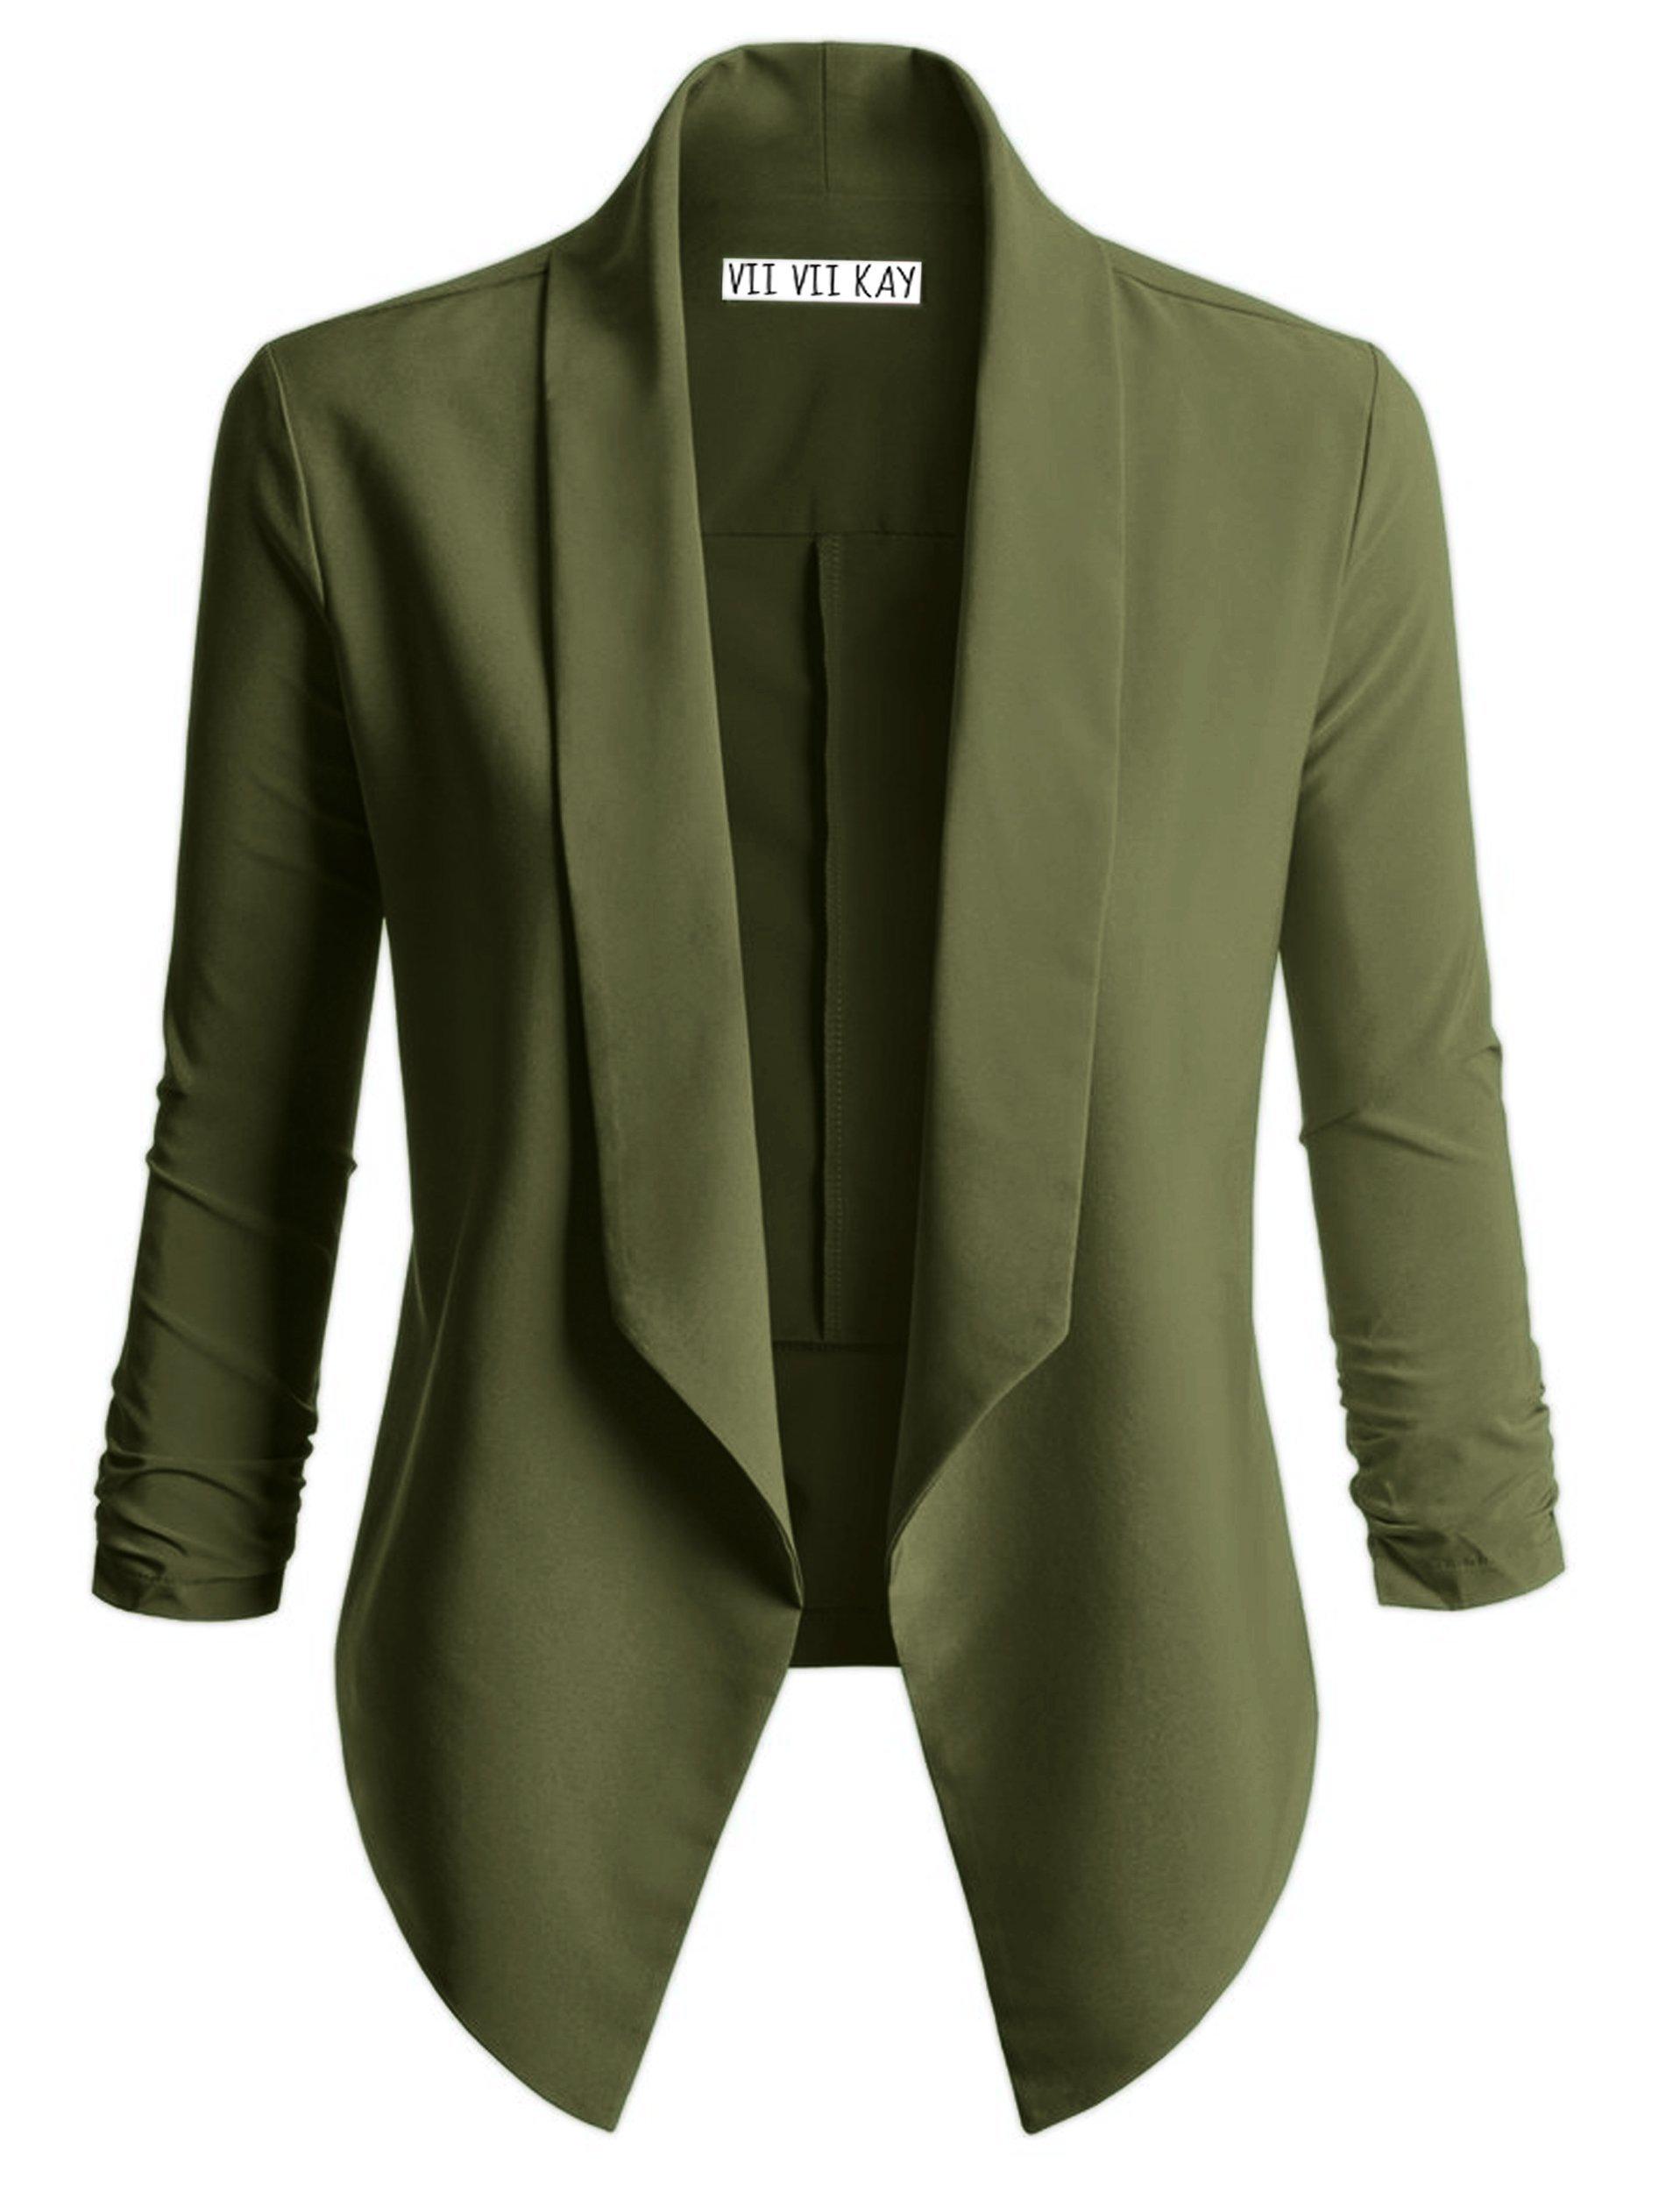 ViiViiKay Women's Versatile Business Attire Blazers in Multiple Styles 37_Olive XL